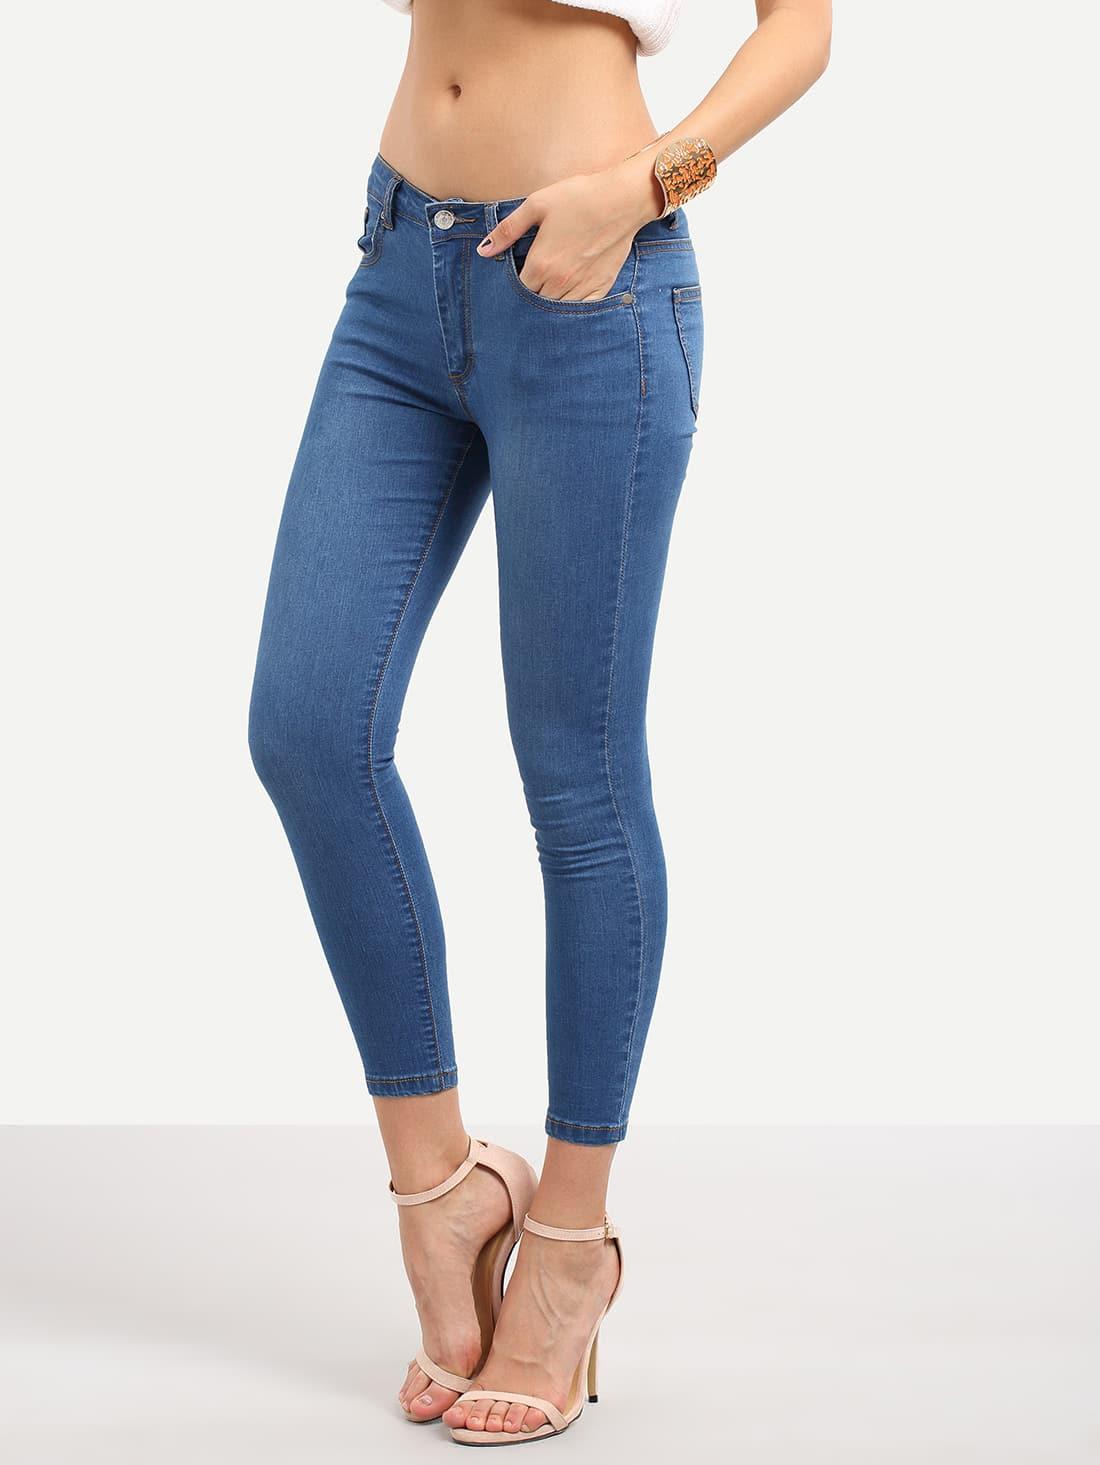 Blue Pocket Stretchy Skinny Jeans